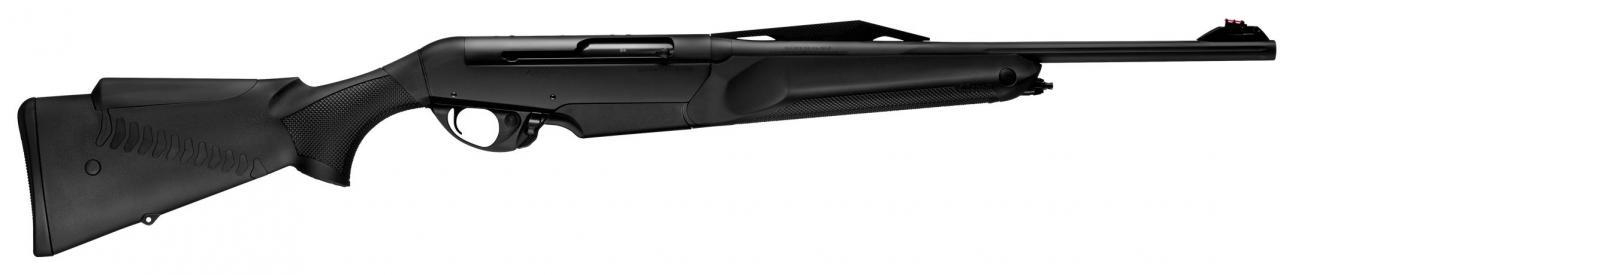 Carabine BENELLI ARGO E-COMFORT Fluté cal. 30-06 Spg